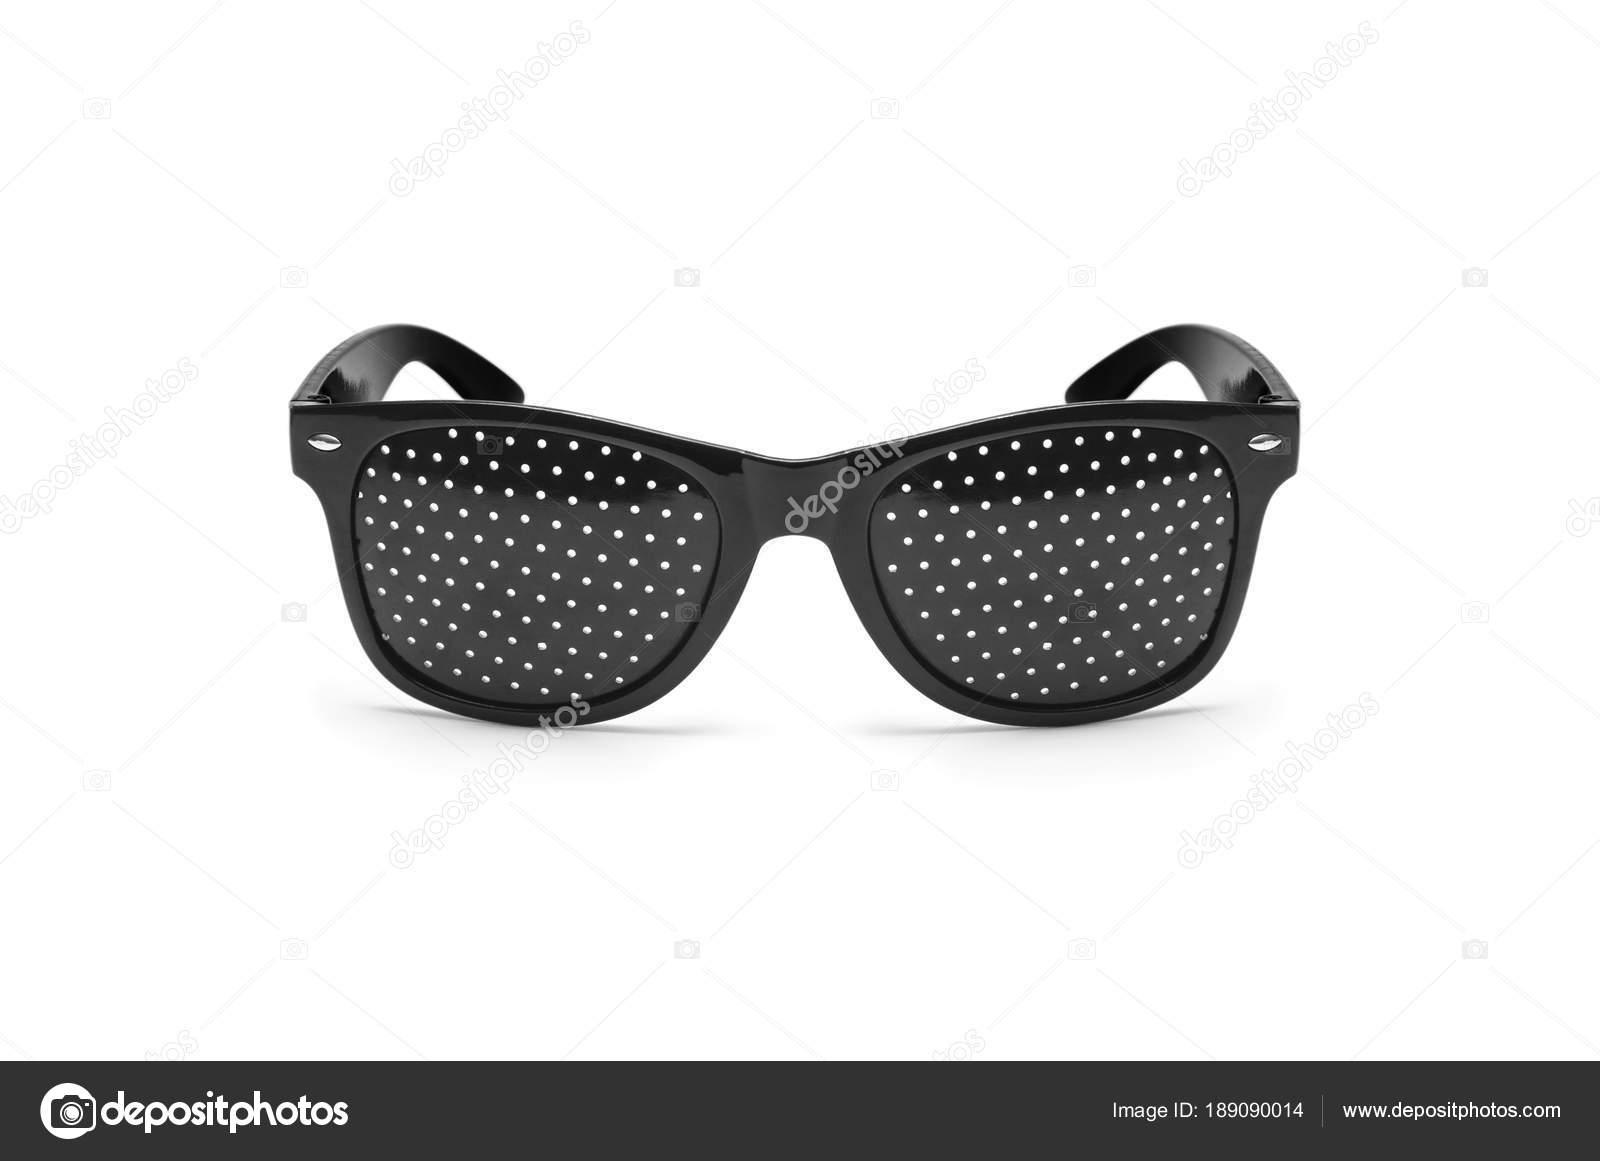 594bd3ea2b Γυαλιά ηλίου τρύπα PIN. Αντι μυωπία γυαλιά για διόρθωση της όρασης — Φωτογραφία  Αρχείου